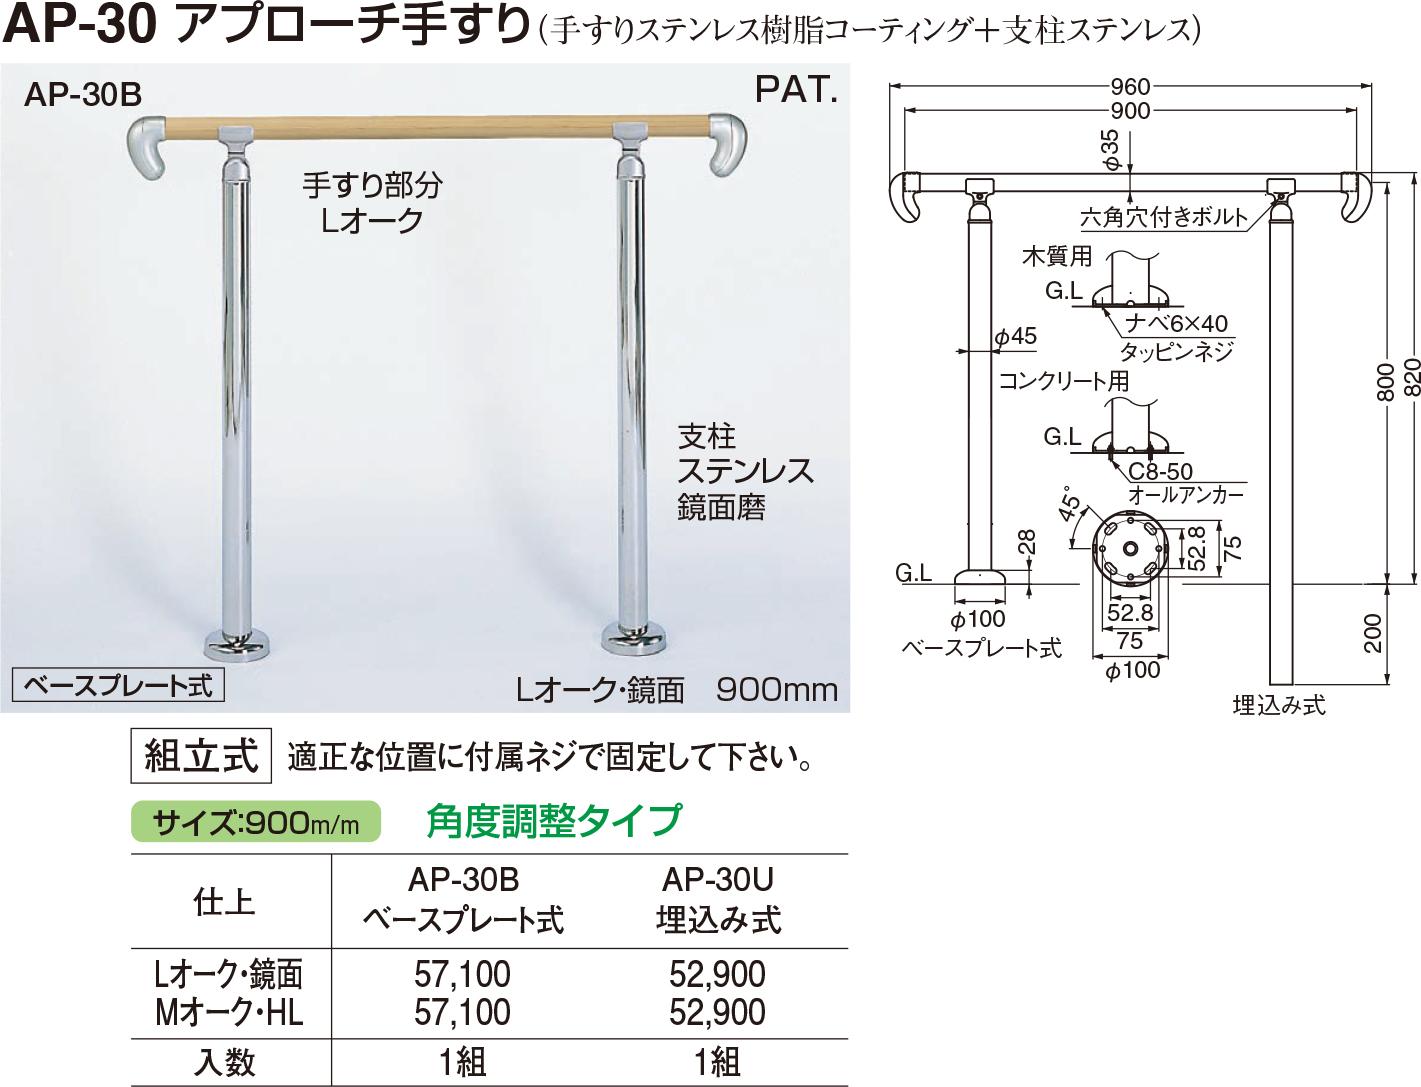 【シロクマ】アプローチ手すり(U) AP-30U Mオーク・HL